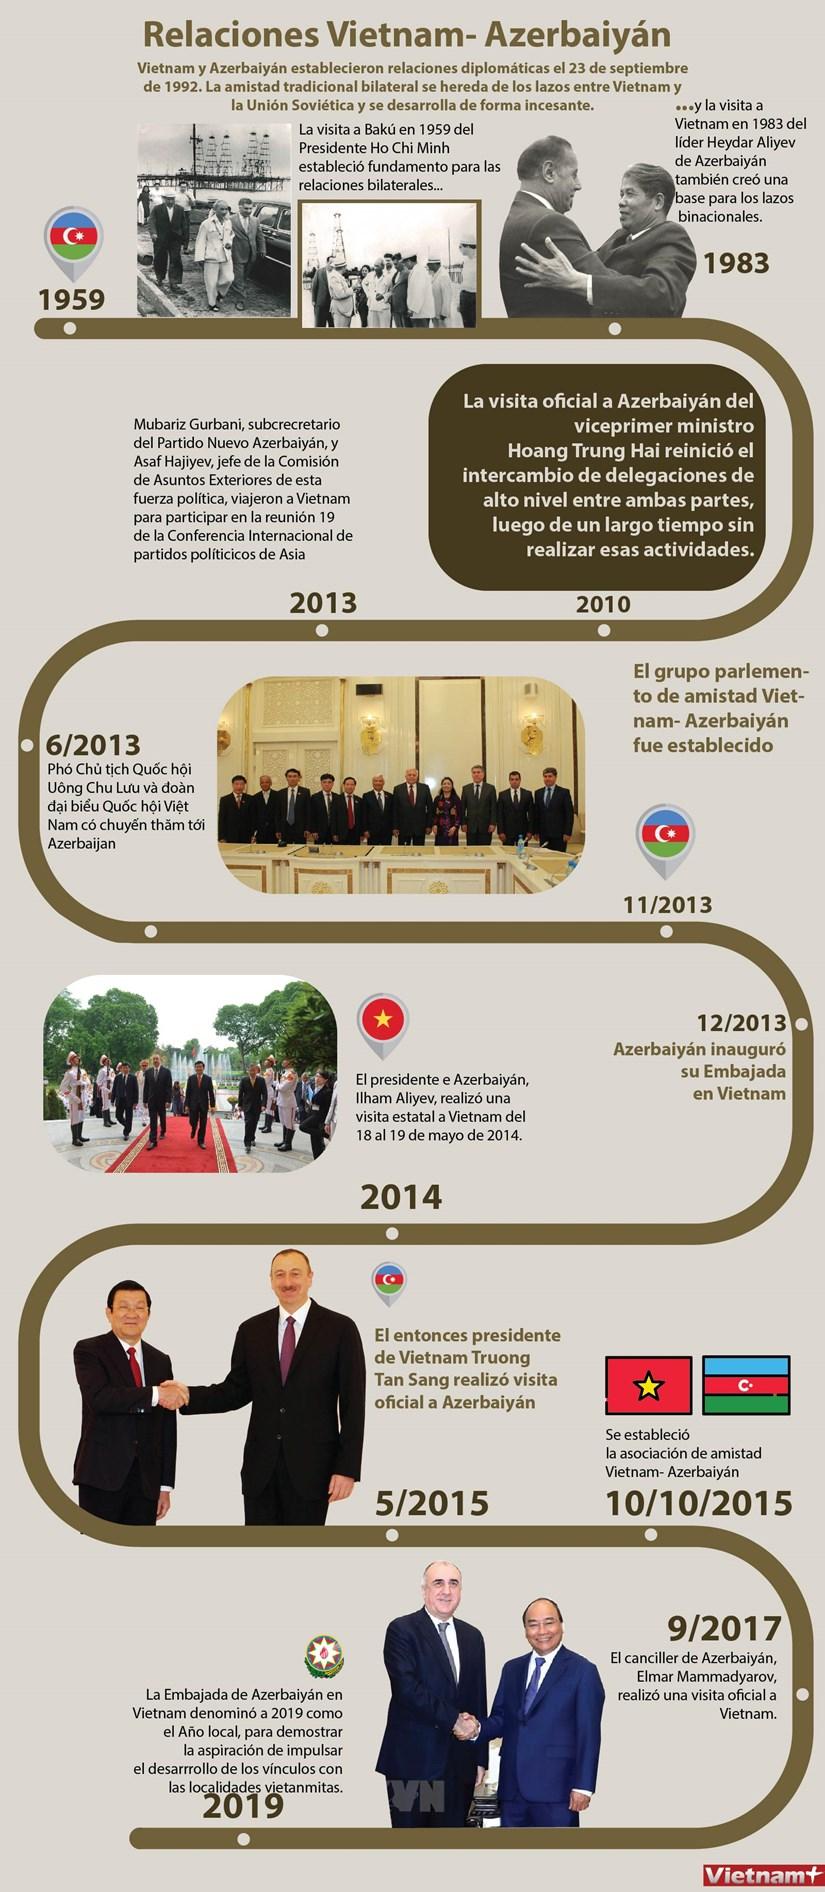 Desarrollo incesante de relaciones Vietnam- Azerbaiyan hinh anh 1